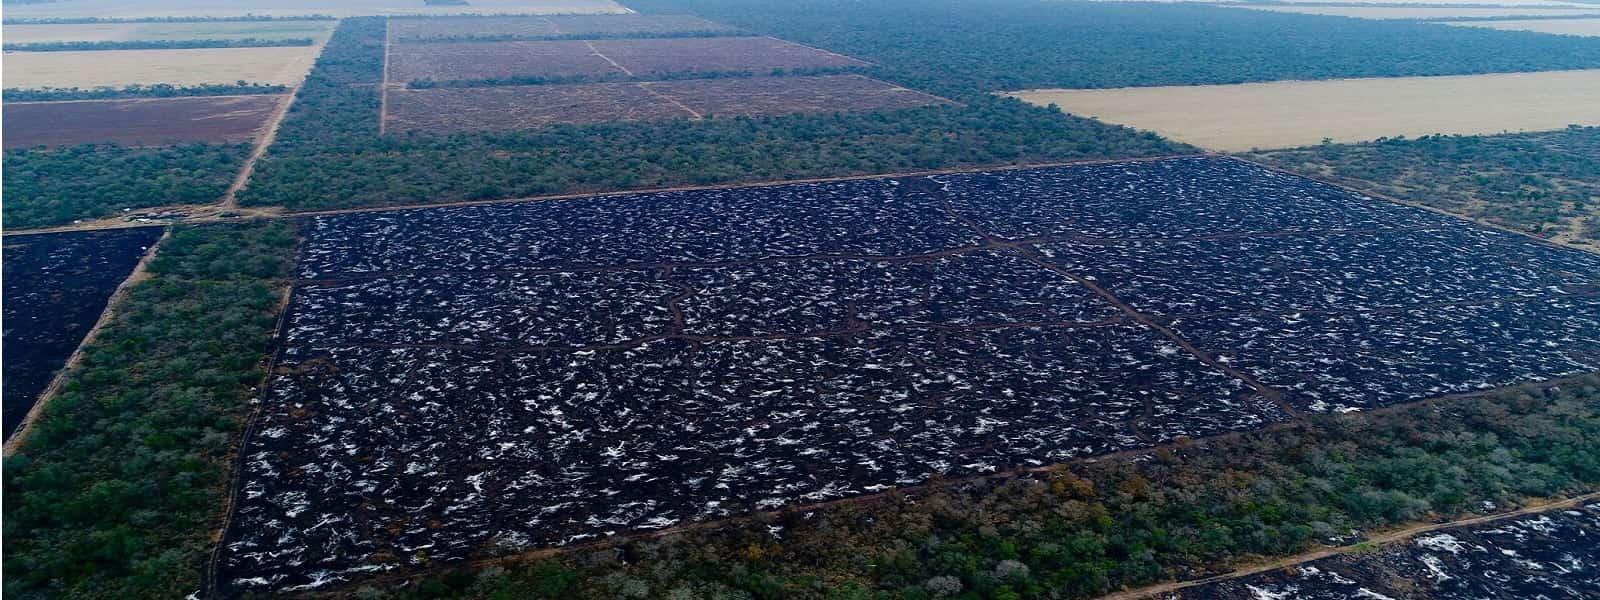 பிரேசிலில் சட்டவிரோத காடழிப்புகளுக்கு காரணமாகியுள்ள சோயா, மாட்டிறைச்சி ஏற்றுமதி